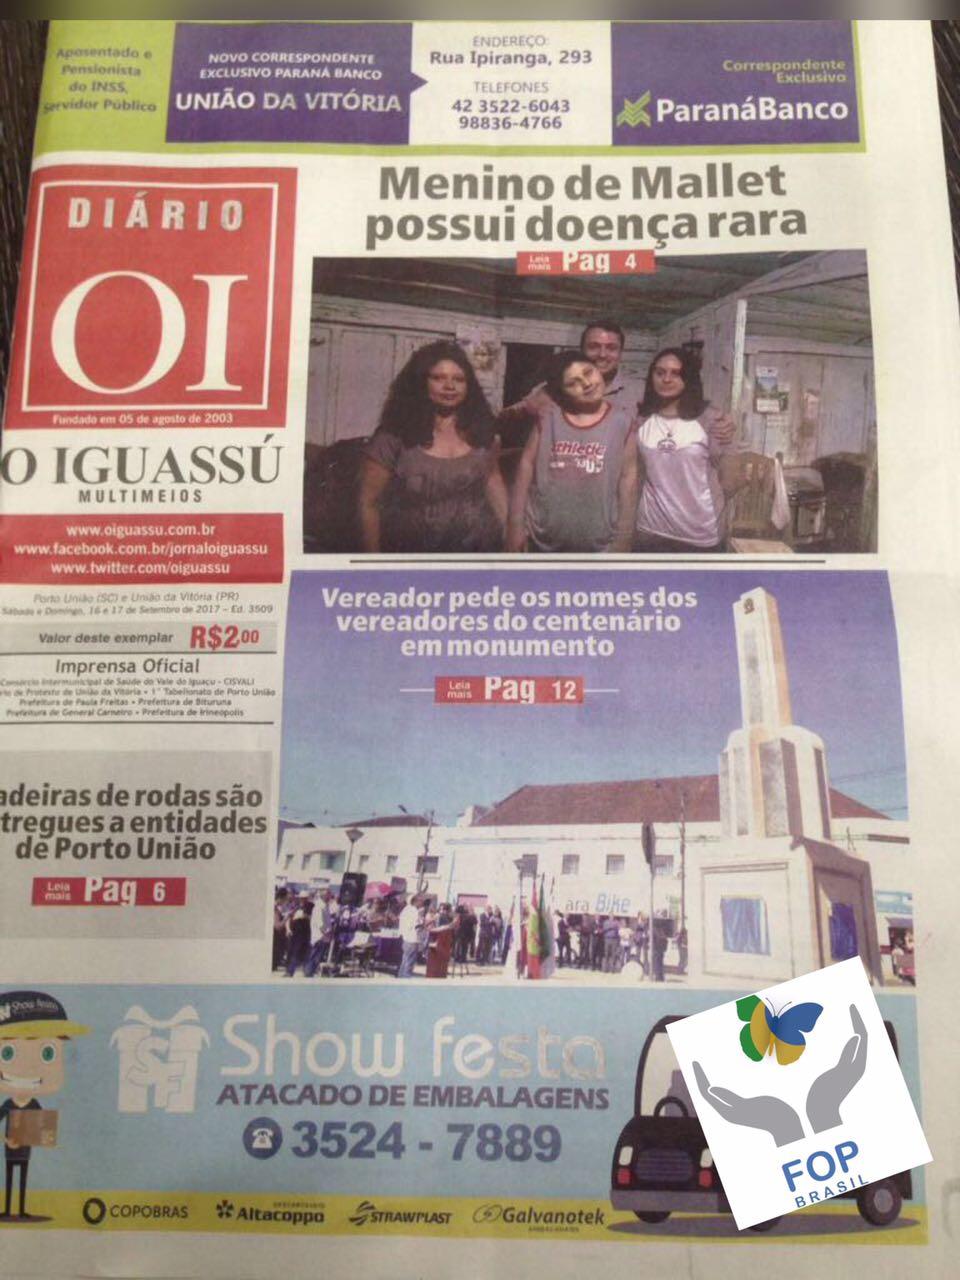 Capa Diário O Iguassú com notícia 'Menino de Mallet possui doença Rara'